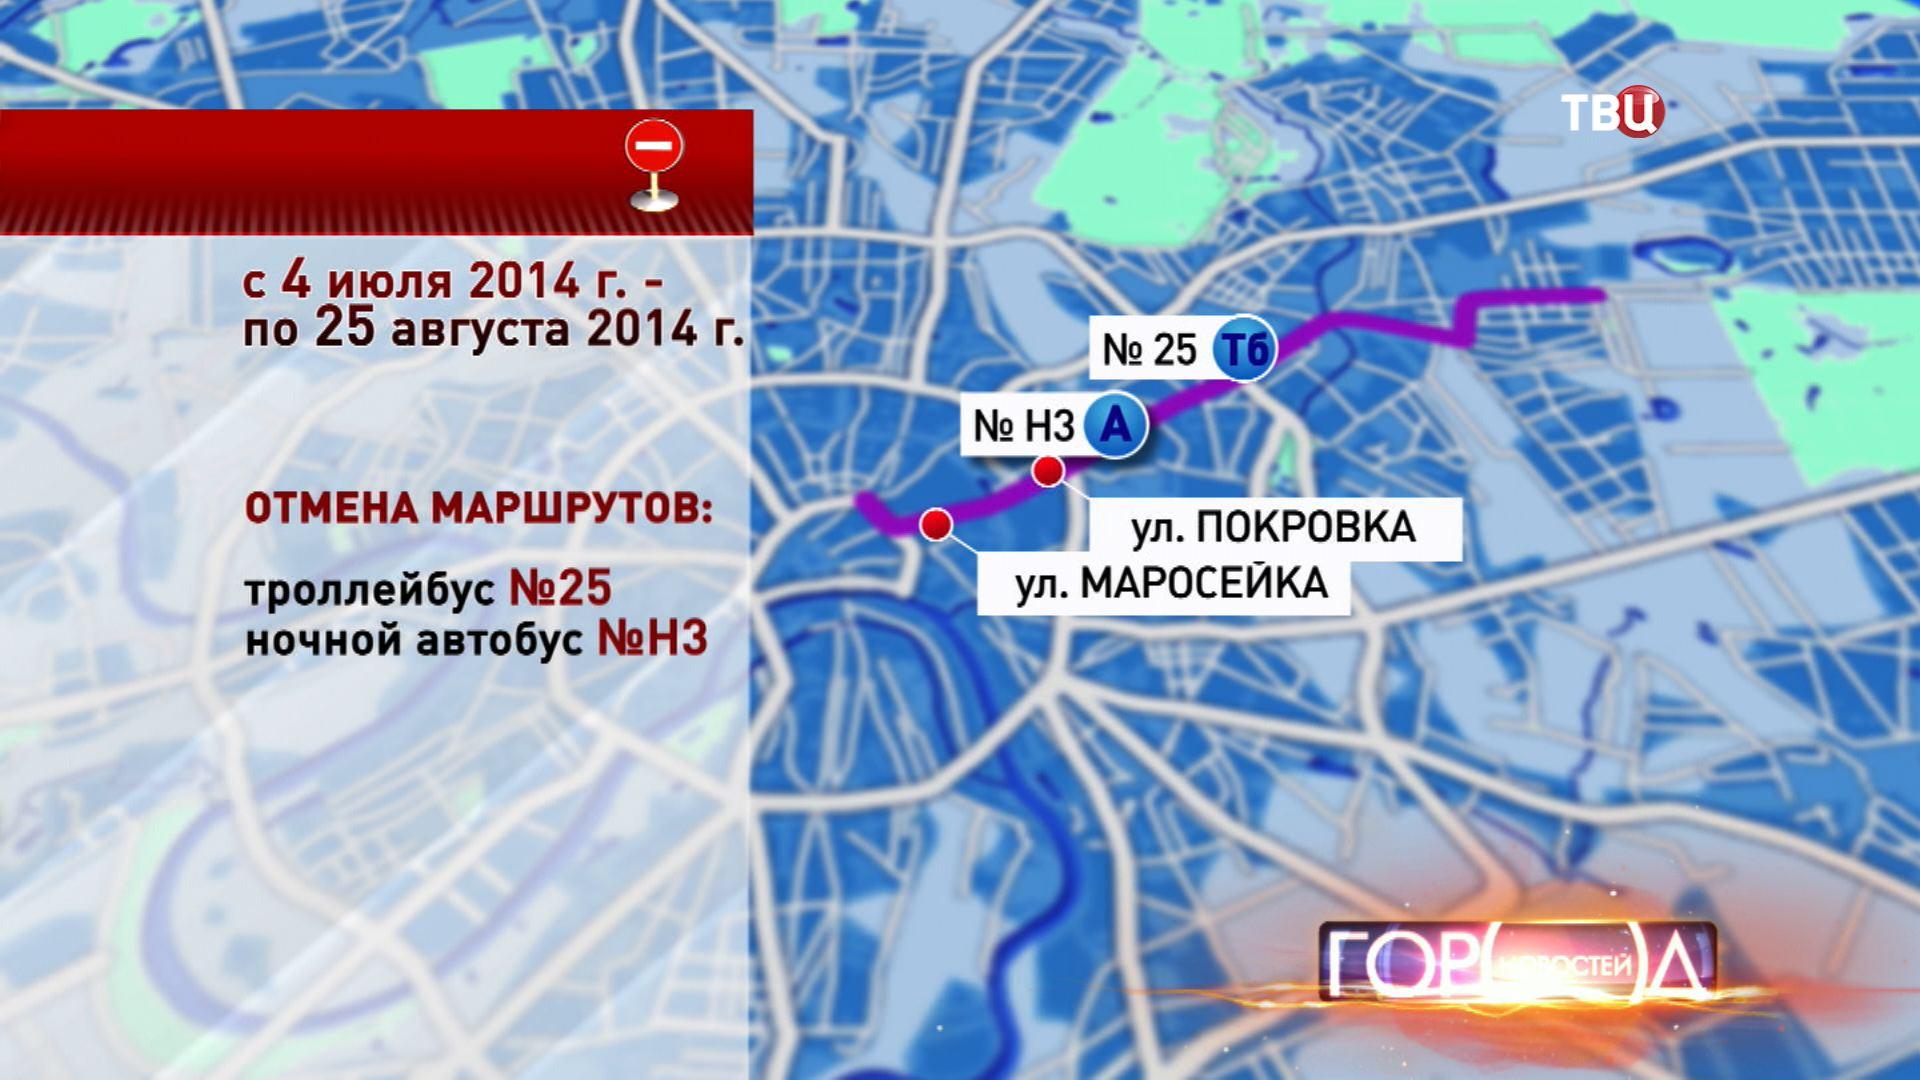 Отмена маршрутов